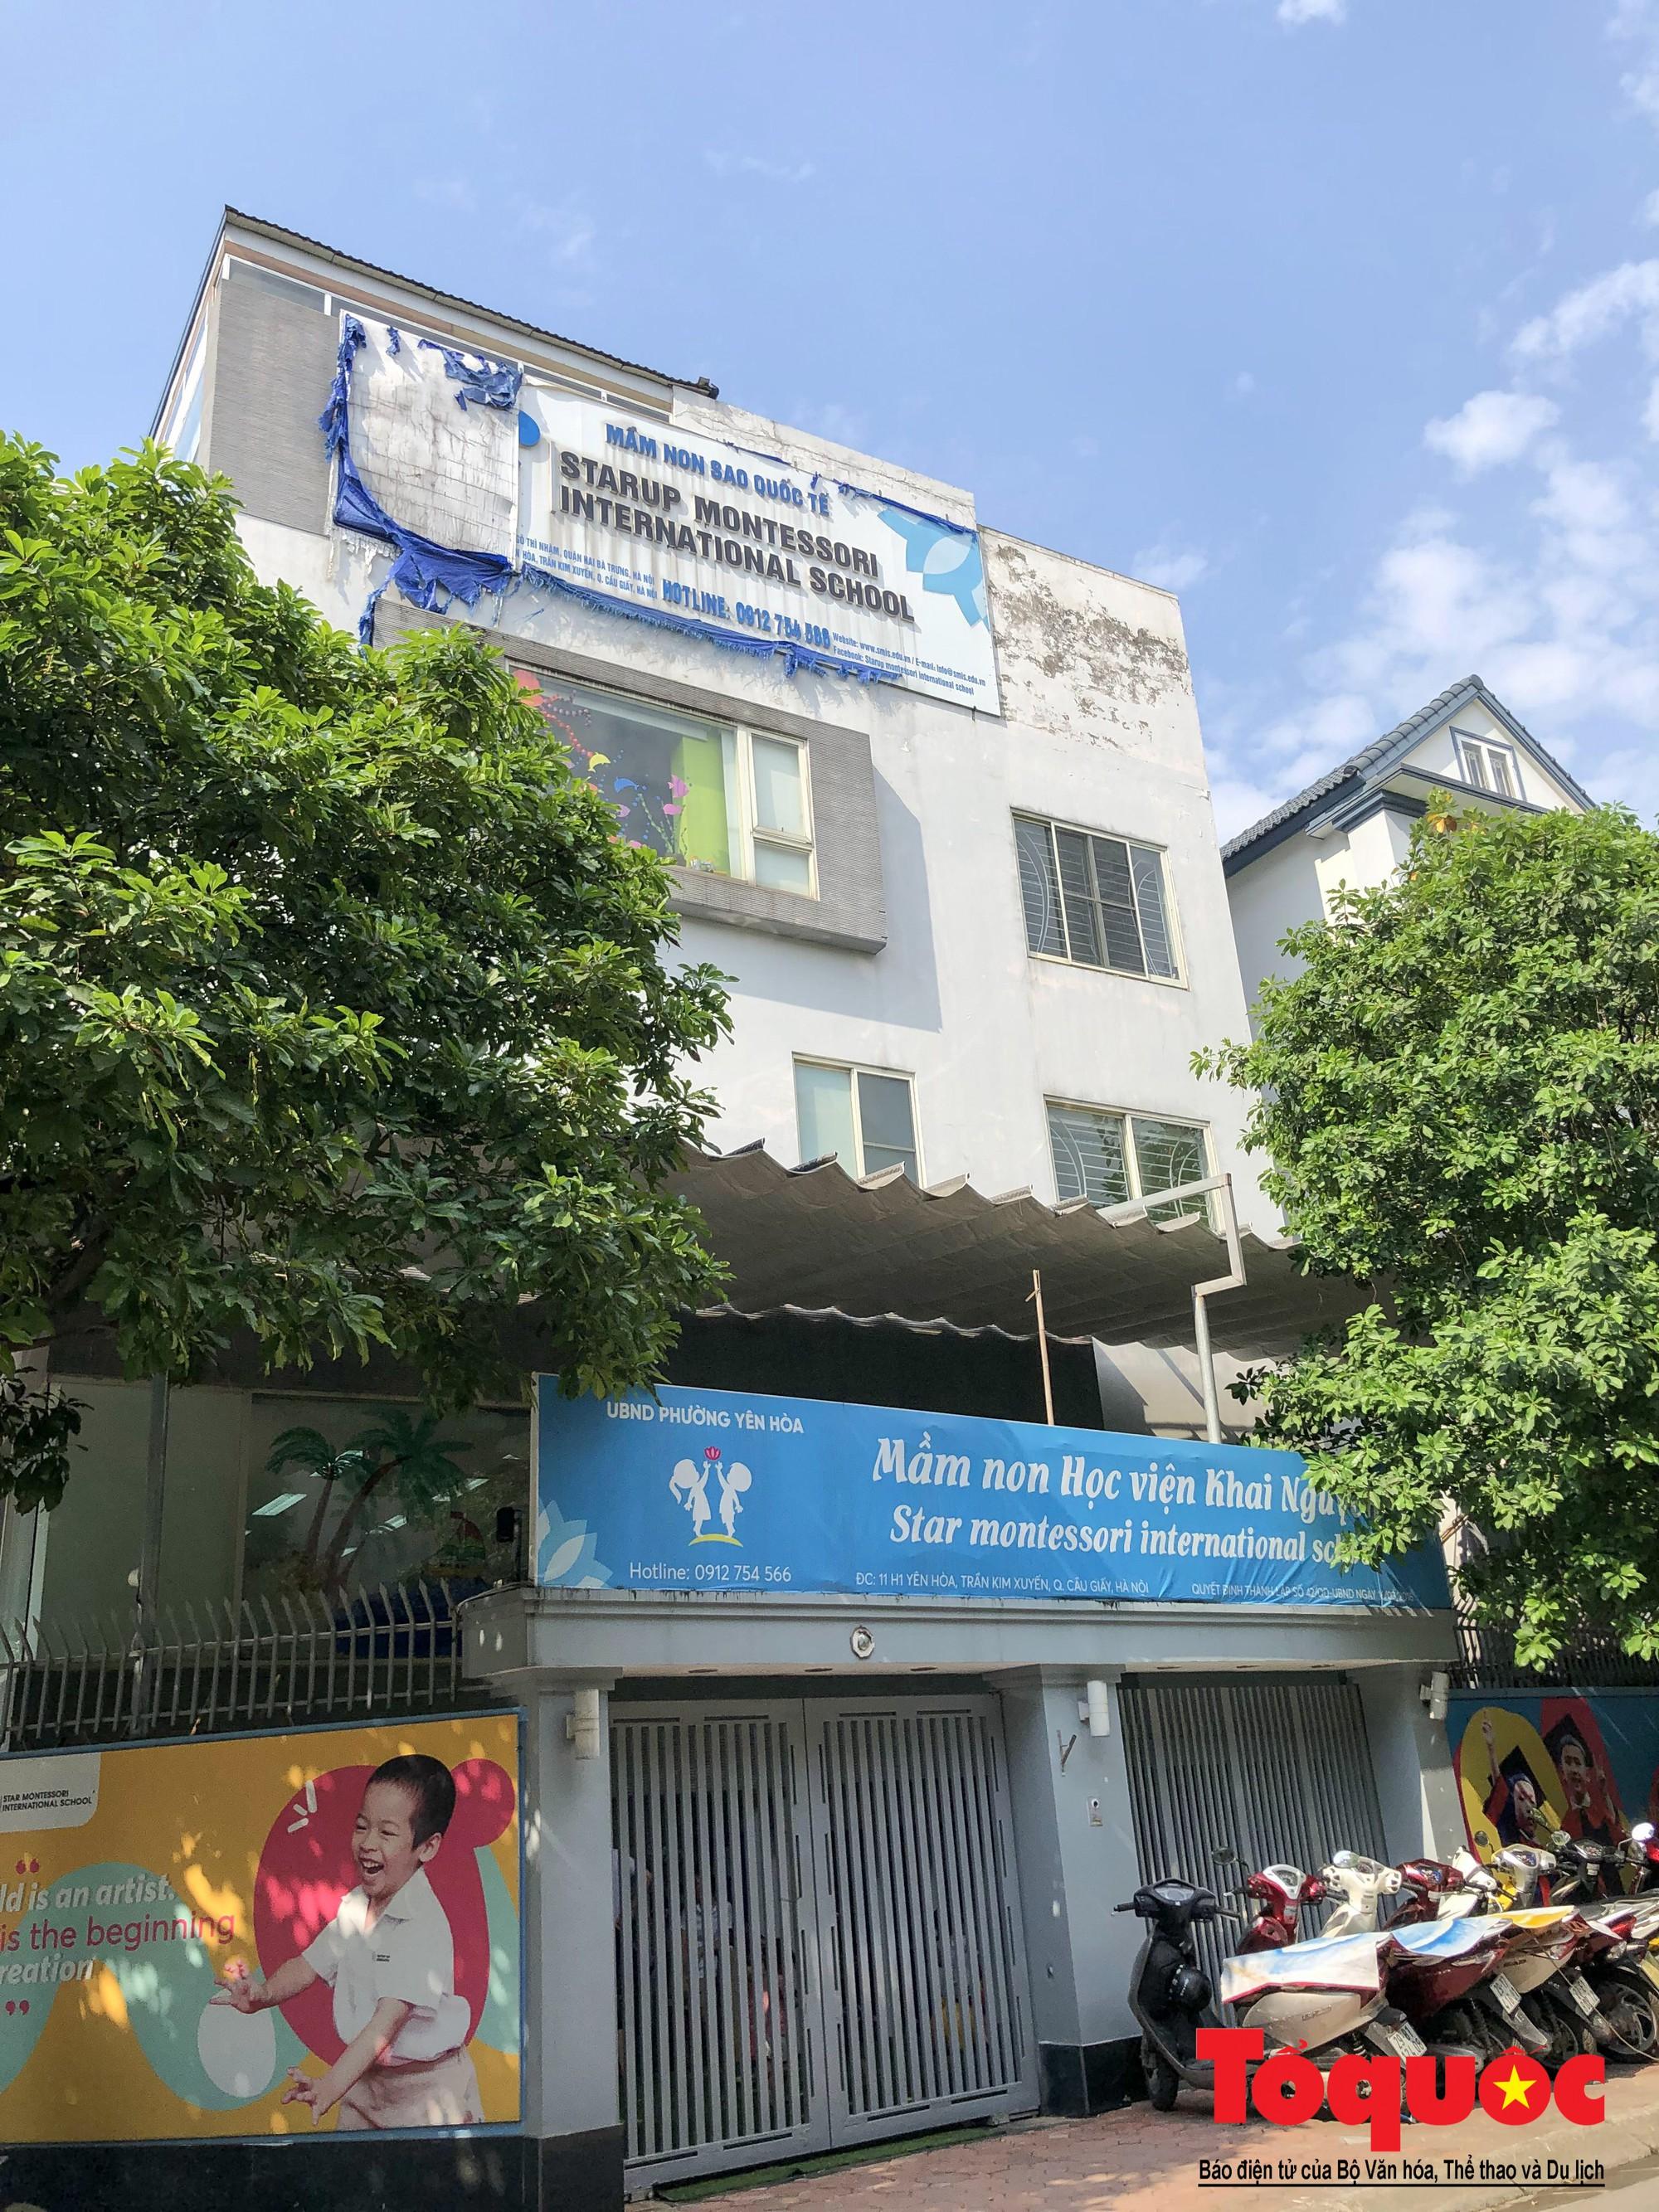 Loạn danh xưng trường quốc tế trên địa bàn quận Cầu Giấy (4)